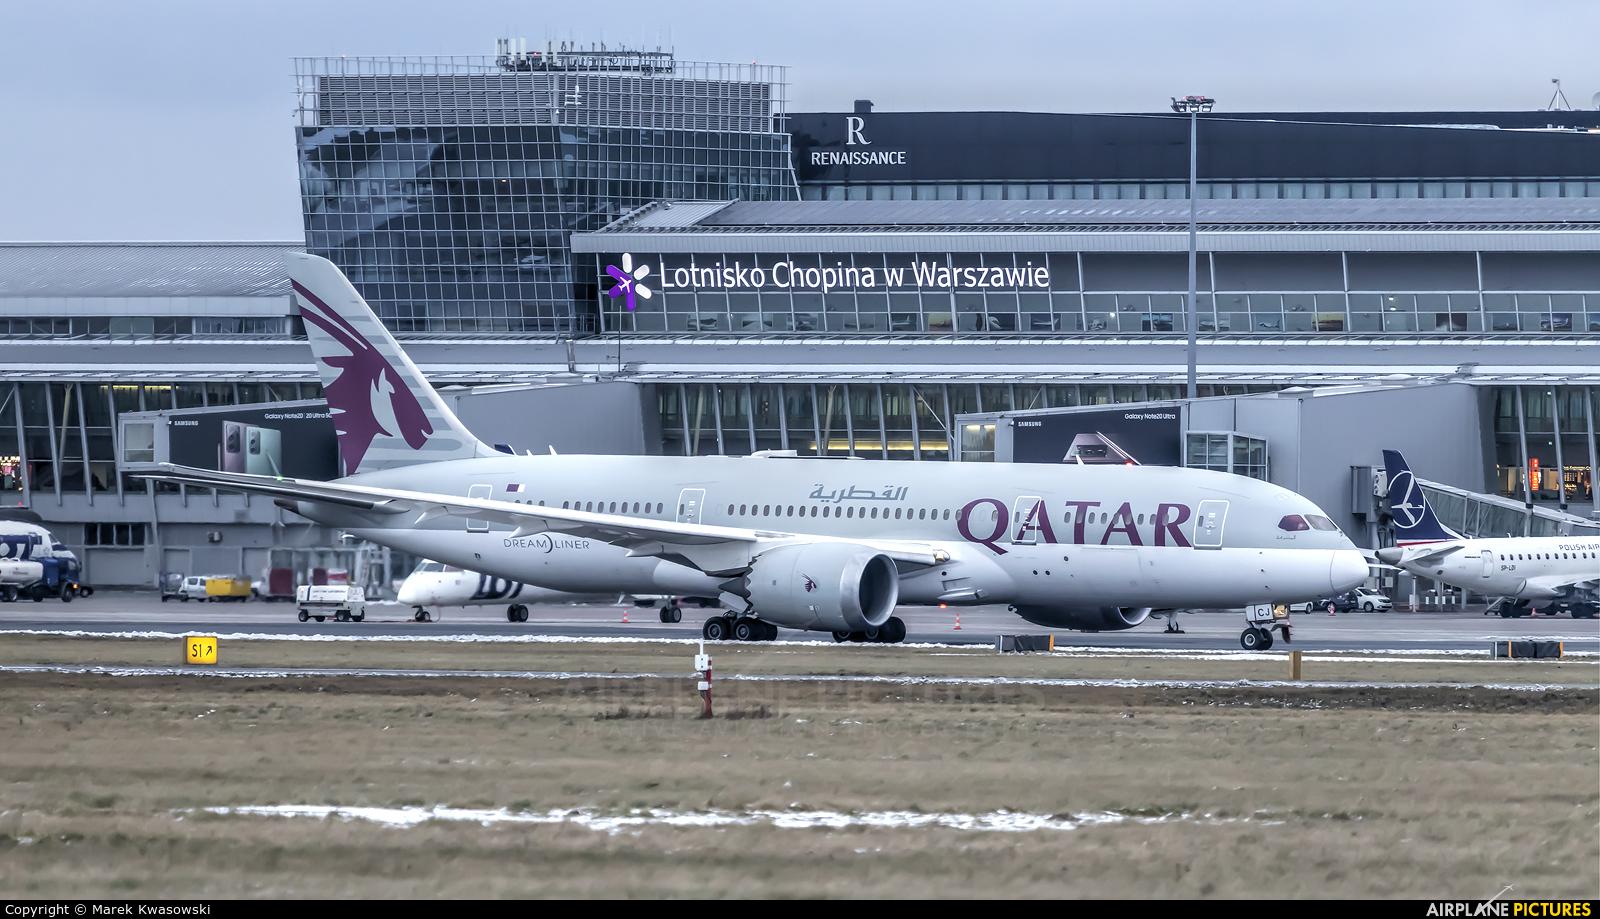 Qatar Airways A7-BCJ aircraft at Warsaw - Frederic Chopin